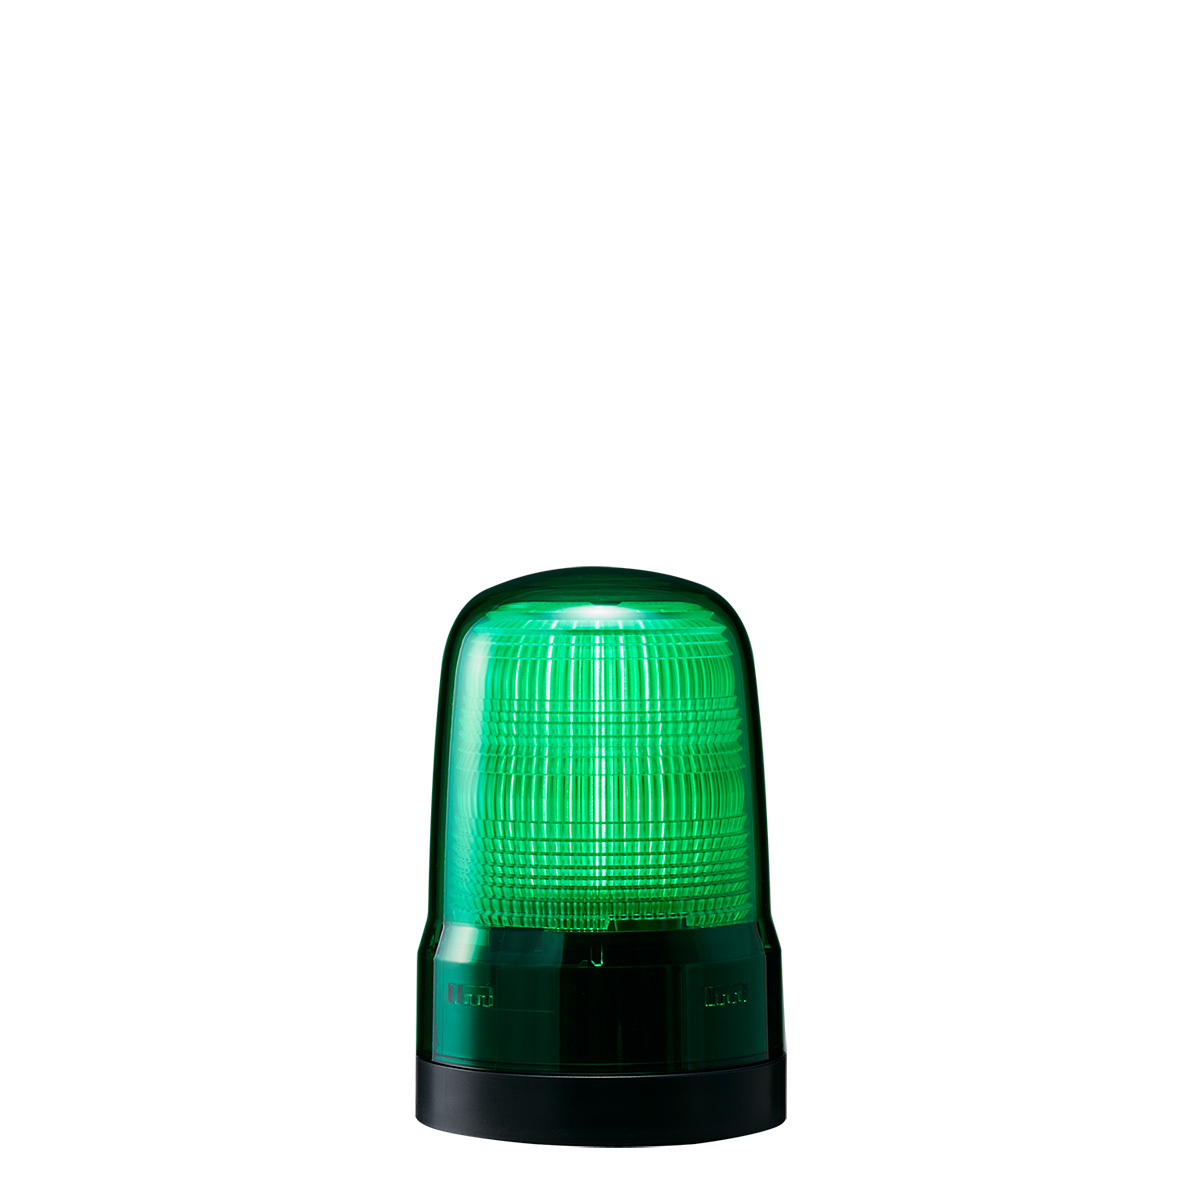 送料無料 点灯 定番から日本未入荷 点滅 フラッシュのシンプル報知 緑色灯 パトライト LED表示灯 SL φ80mm 2点穴取付 SL08-M1KTN-G DC12~24V 激安通販ショッピング 緑色 プッシュイン端子台 グリーン 2.9W